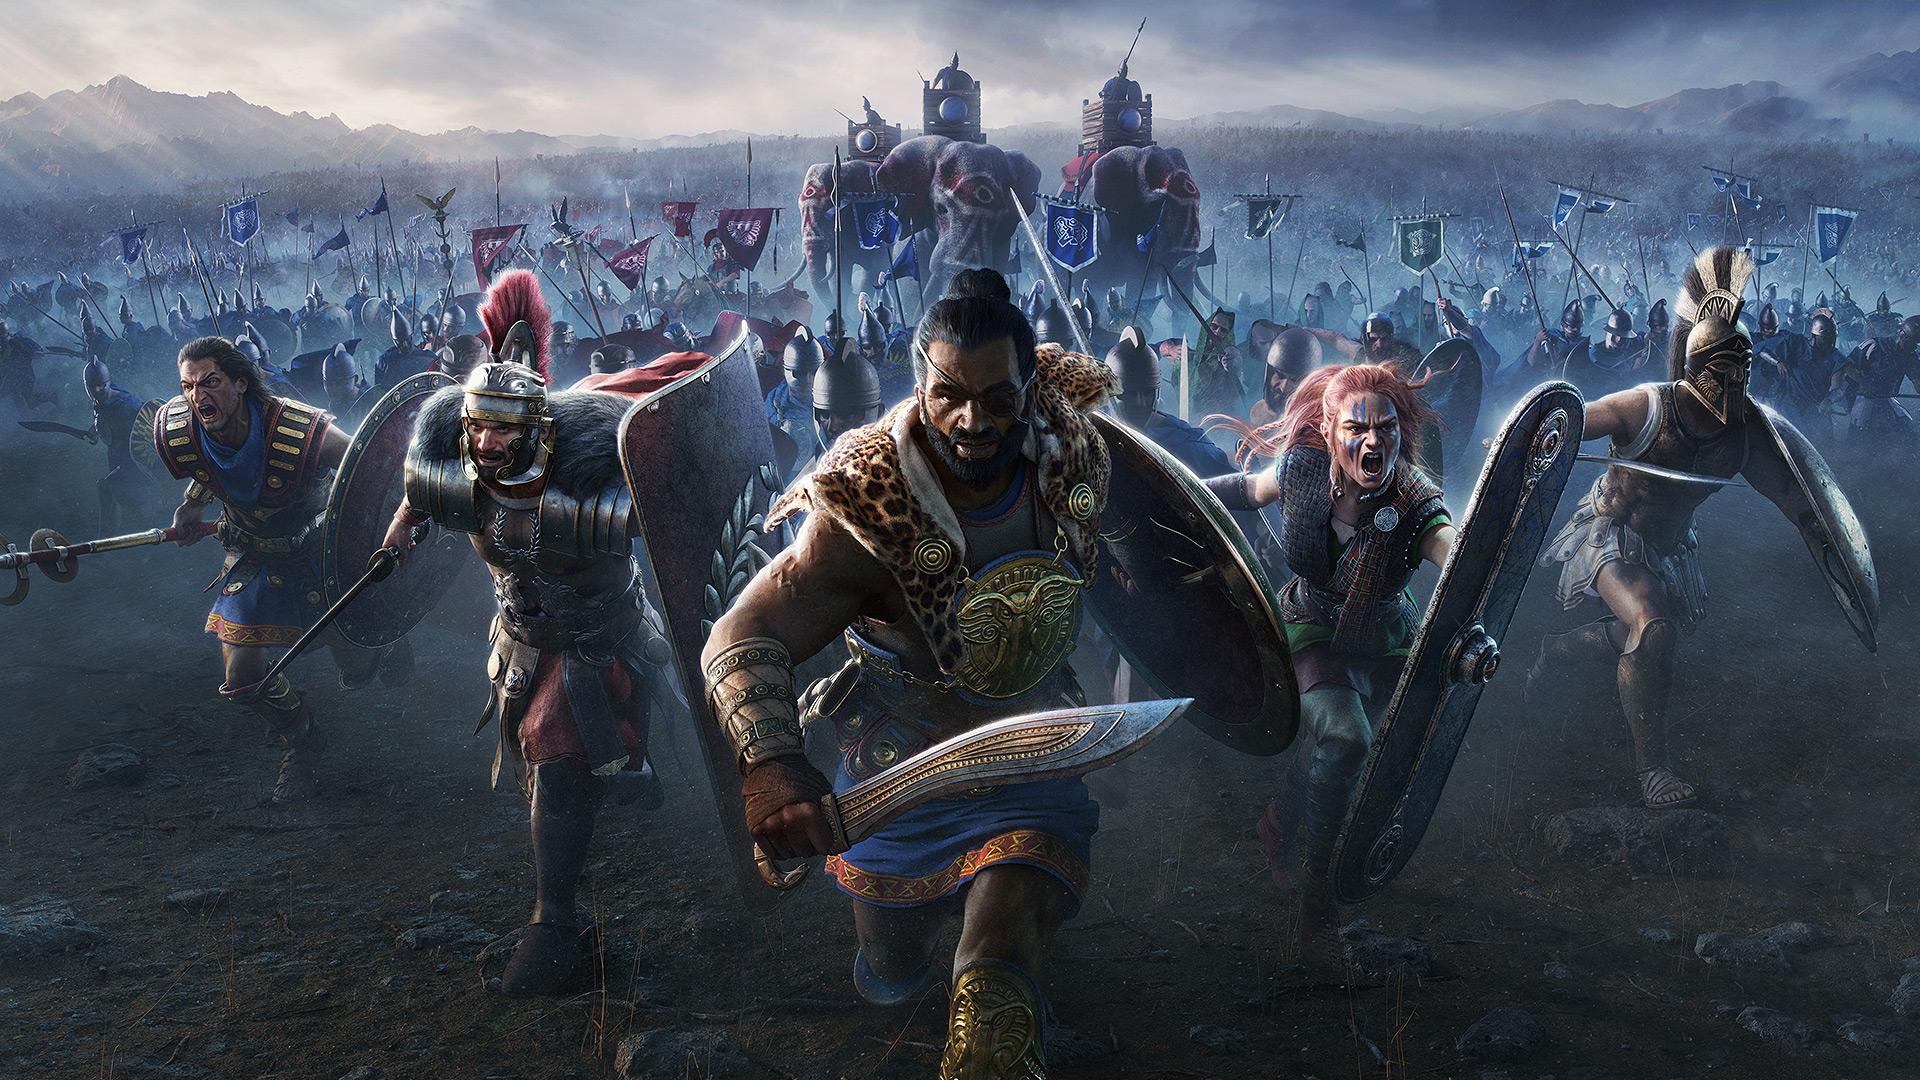 Анонсирована глобальная стратегия Aggressors: Ancient Rome. Опубликованы первые скриншоты и трейлер